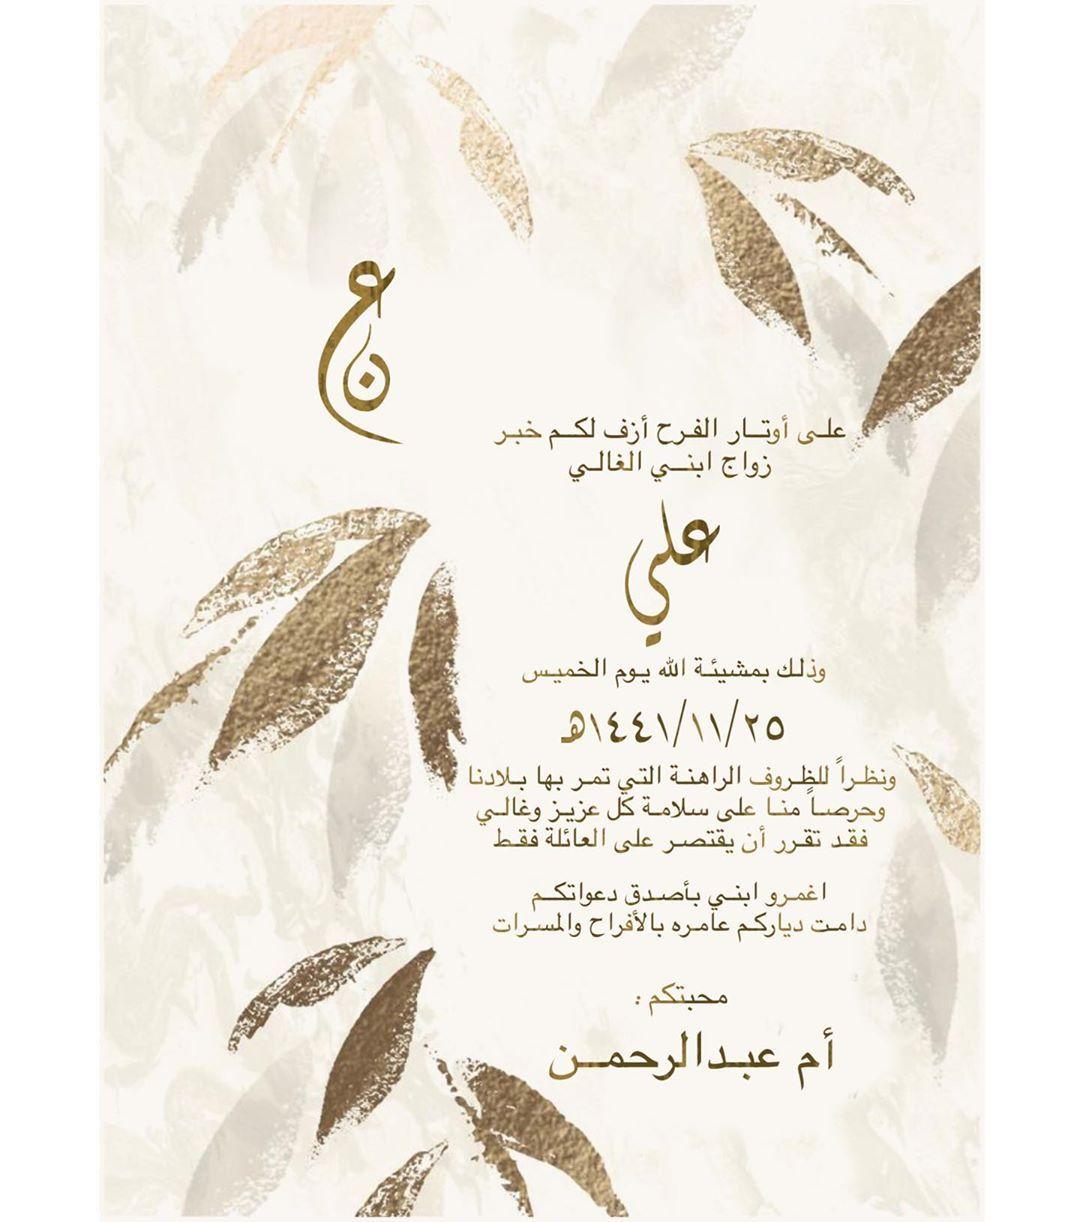 دعوات آلكترونيه On Instagram اعلان زواج إشهار زواج بـ ٣٠ للطلب ٠٥٥١٨٠٩٤١٩ Simple Wedding Invitation Card Wedding Cards Wedding Backdrop Design